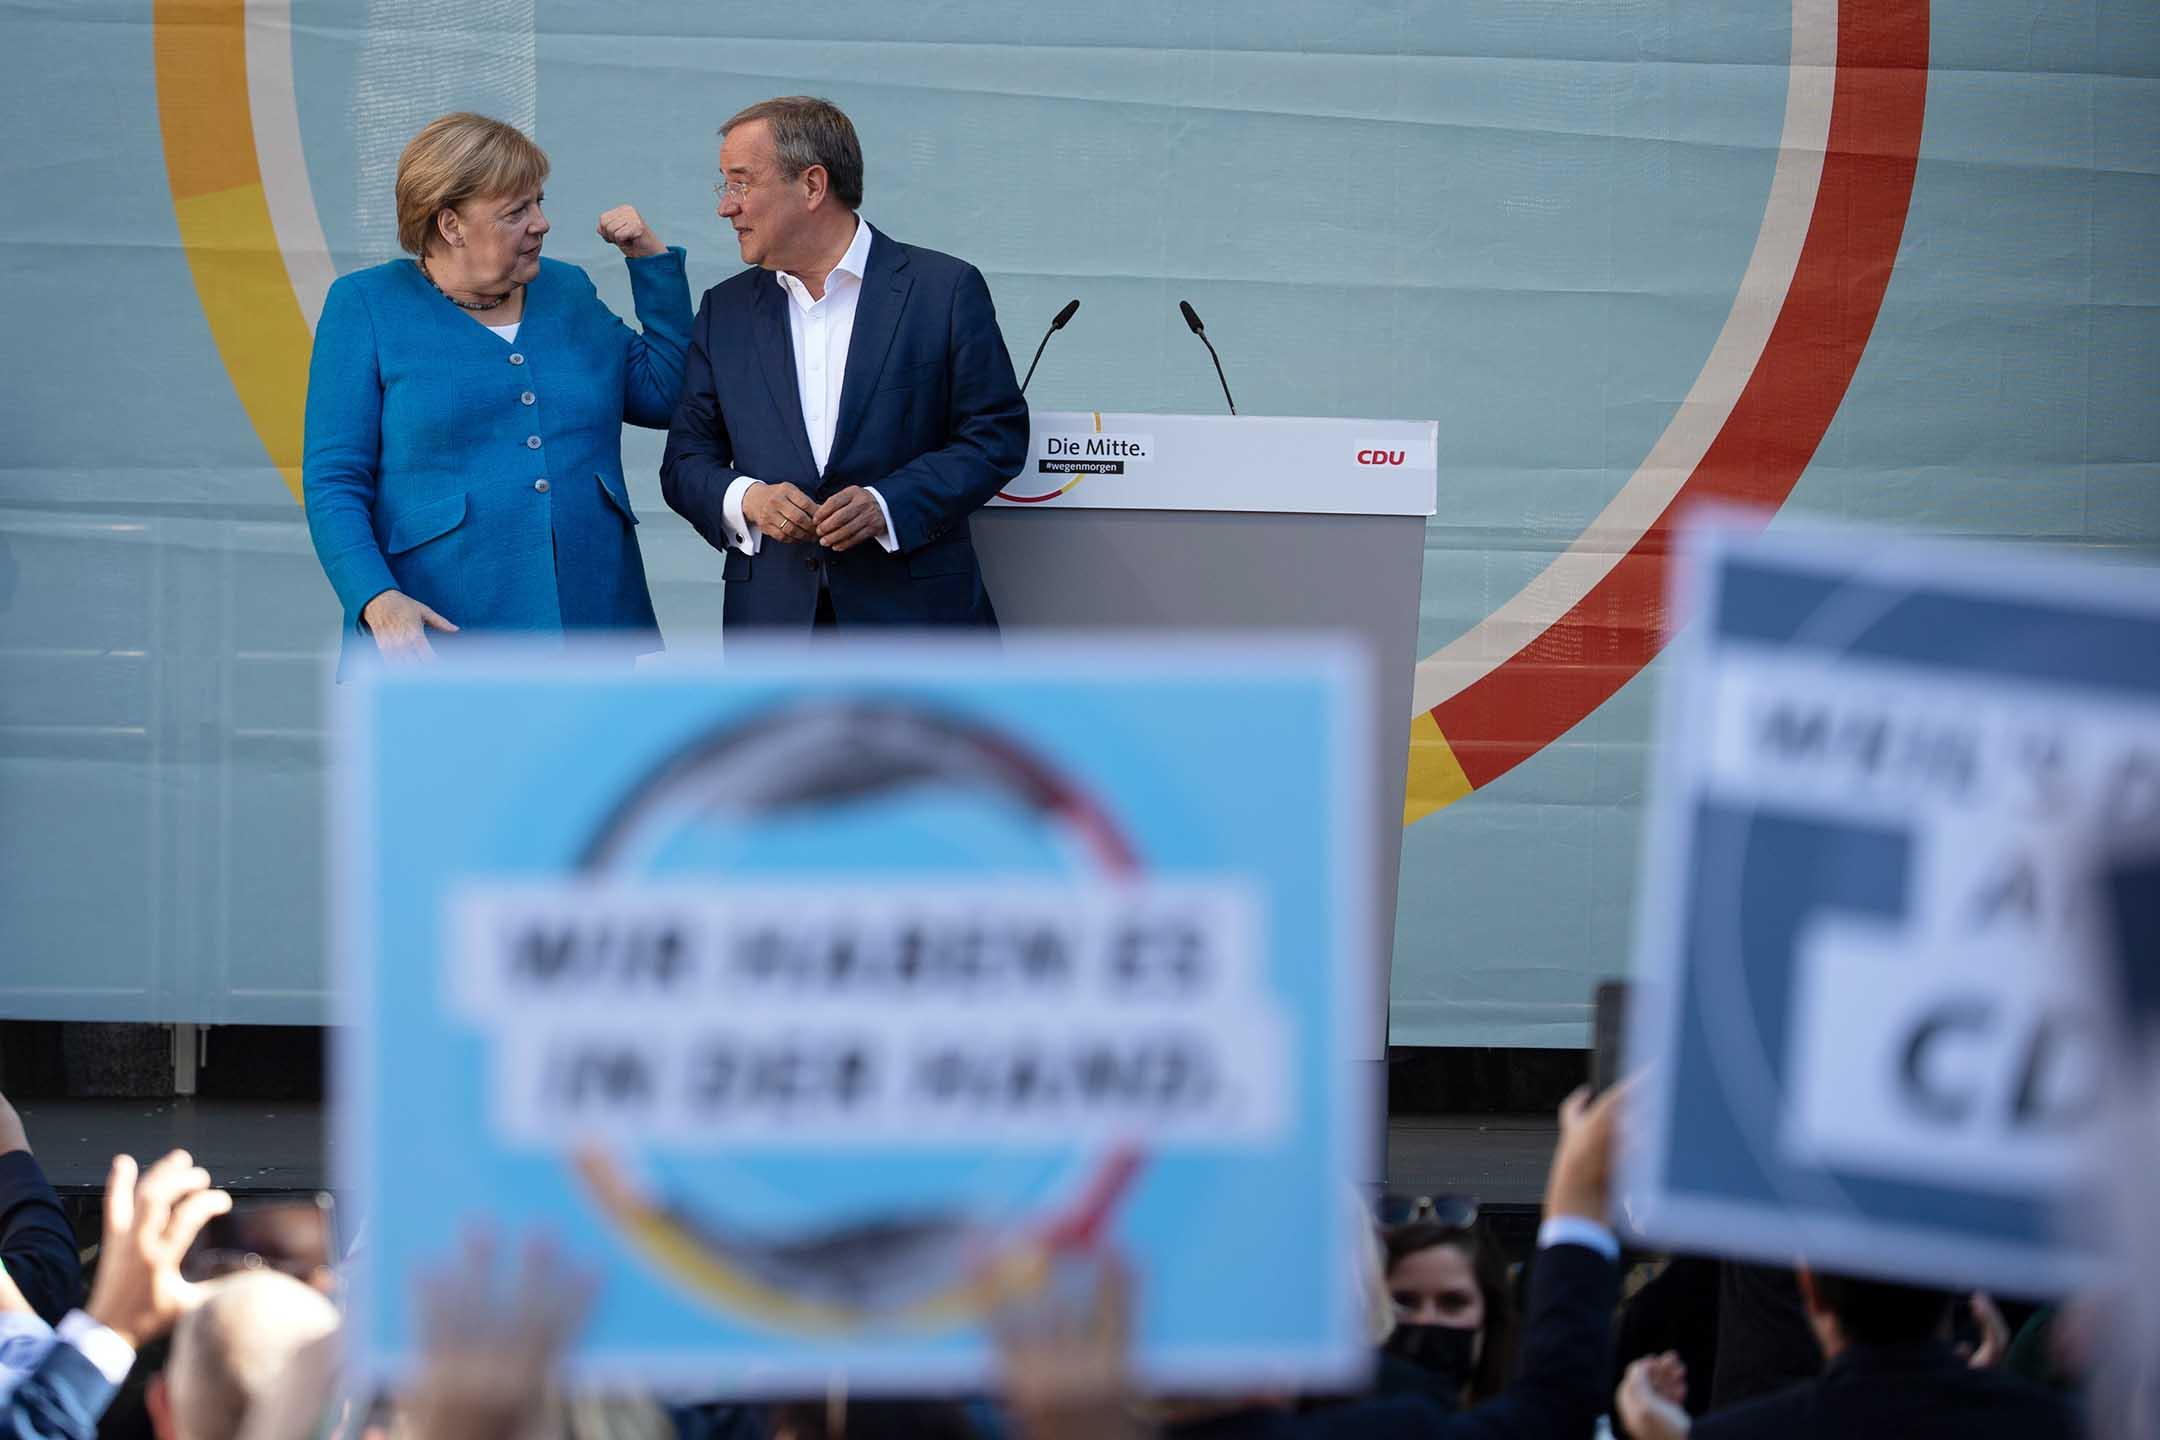 2021年9月25日德國亞琛,德國總理默克爾和基民盟總理候選人阿明·拉謝特在競選活動中登台。